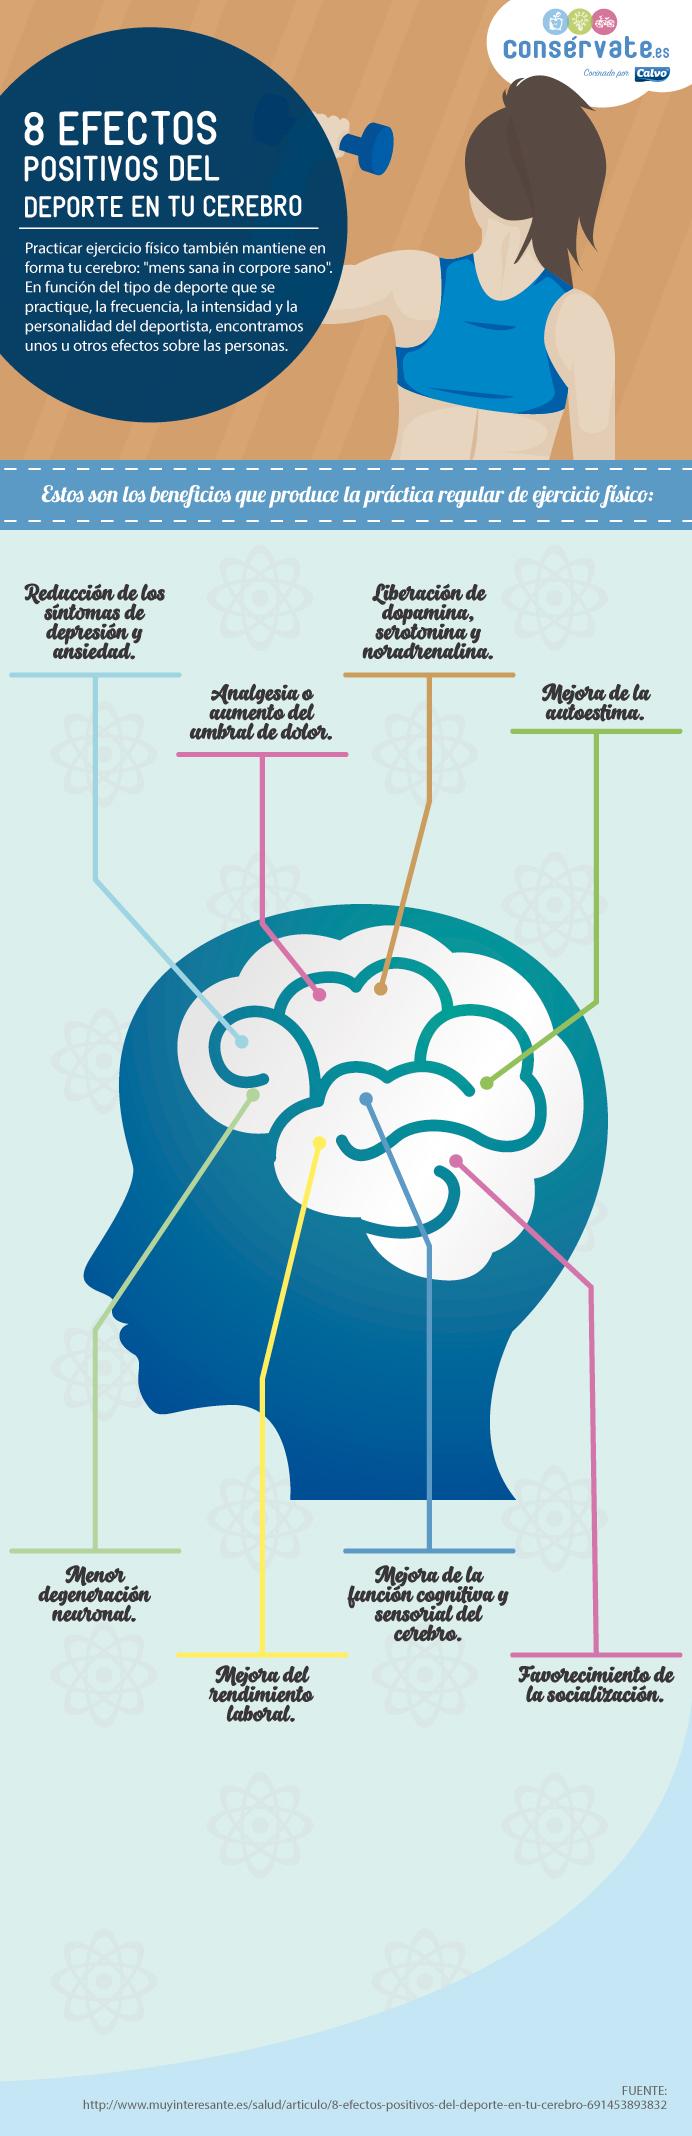 8 efectos positivos del deporte en tu cerebro